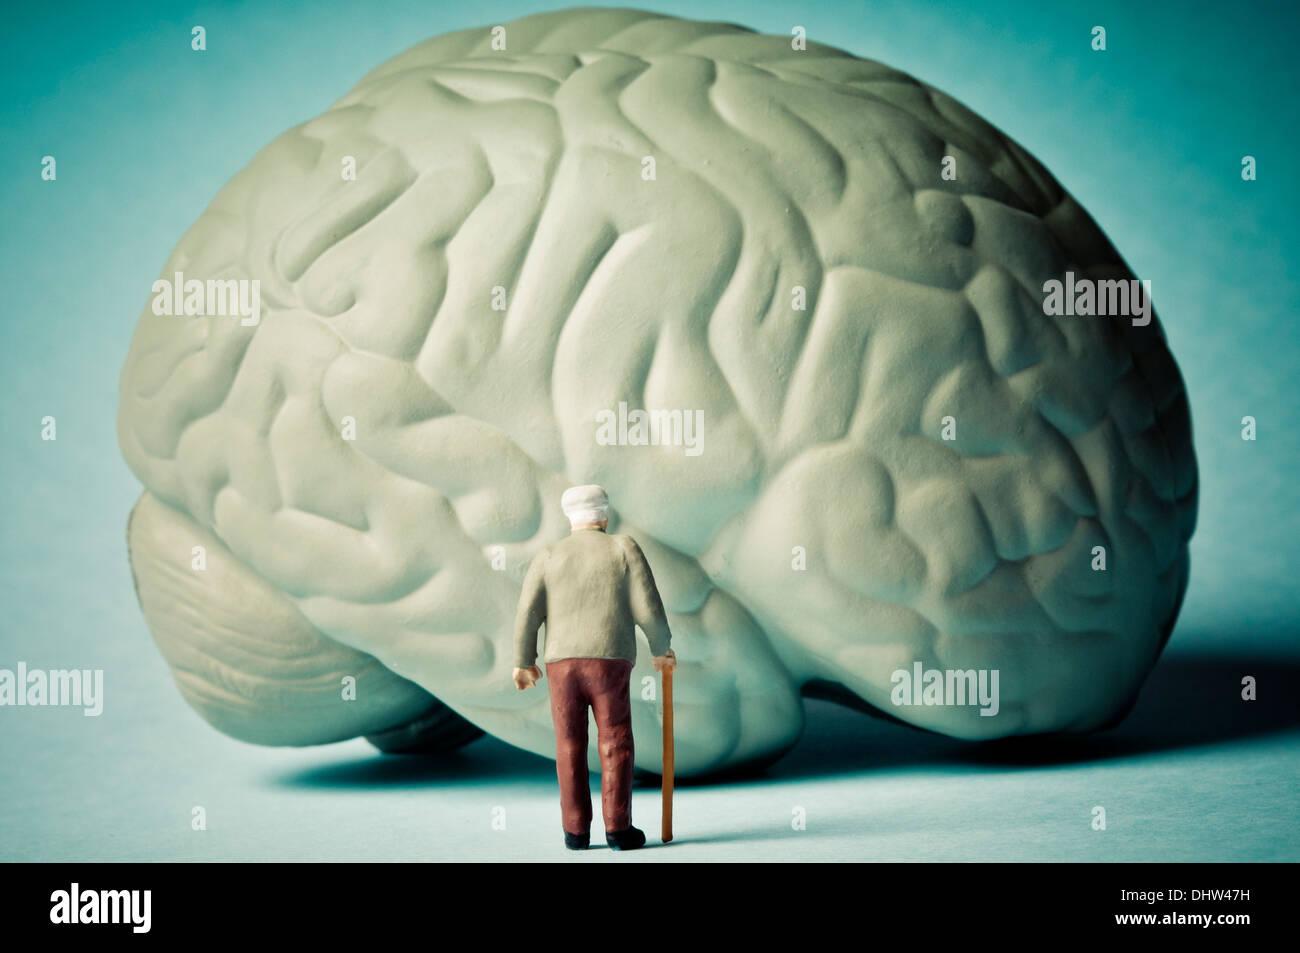 La maladie d'esprit et concept de vieillissement Photo Stock